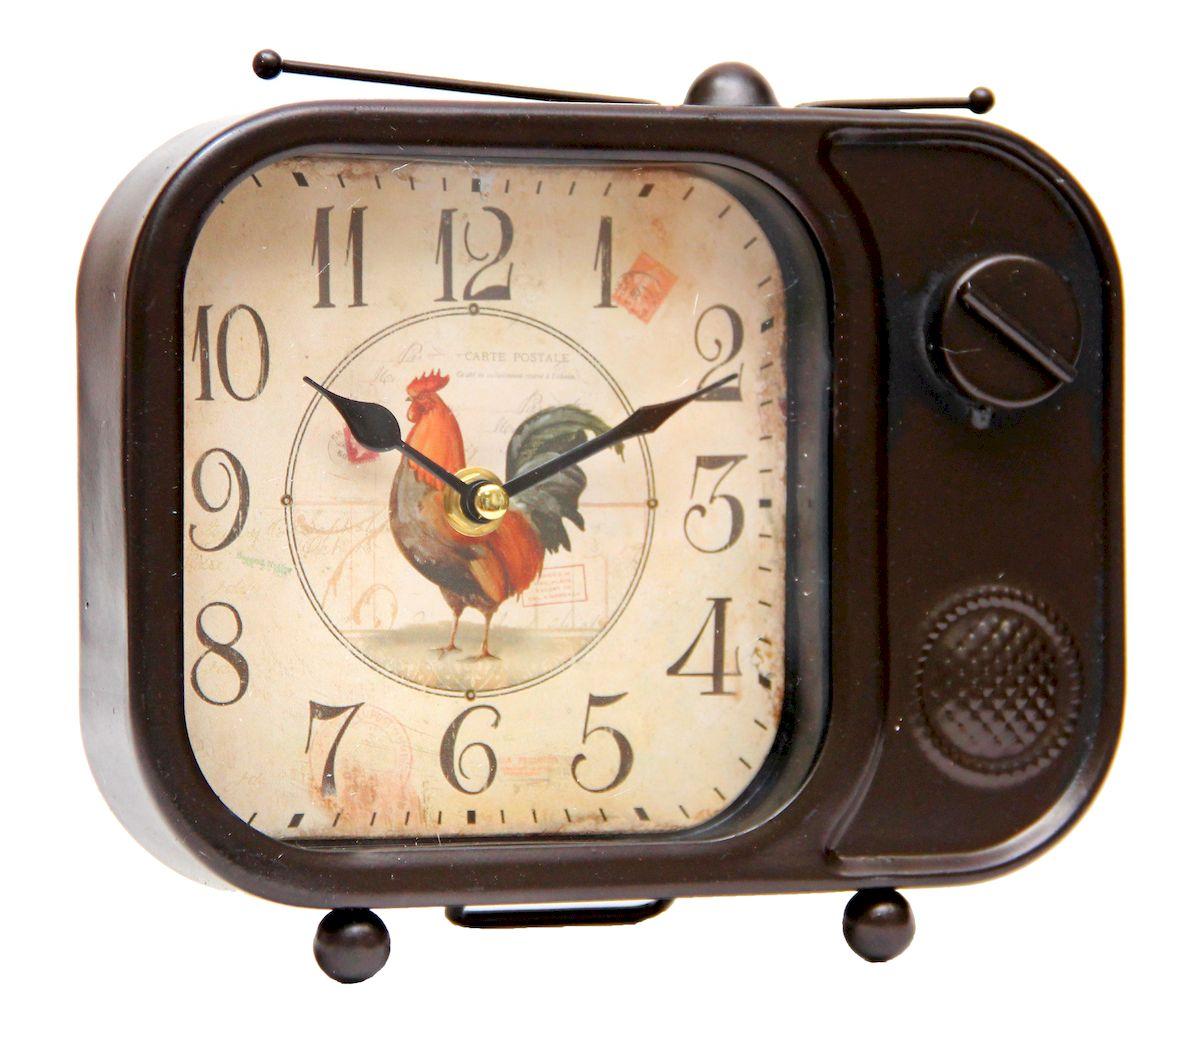 Часы настольные Magic Home Телевизор, кварцевые, цвет: коричневый54 009318Настольные кварцевые часы Magic Home Телевизор изготовлены из металла , циферблат из металла с покрытием из принтованной бумаги. Настольные часы Magic Home Телевизор прекрасно оформят интерьер дома или рабочий стол в офисе.Часы работают от одной батарейки типа АА мощностью 1,5V (не входит в комплект).